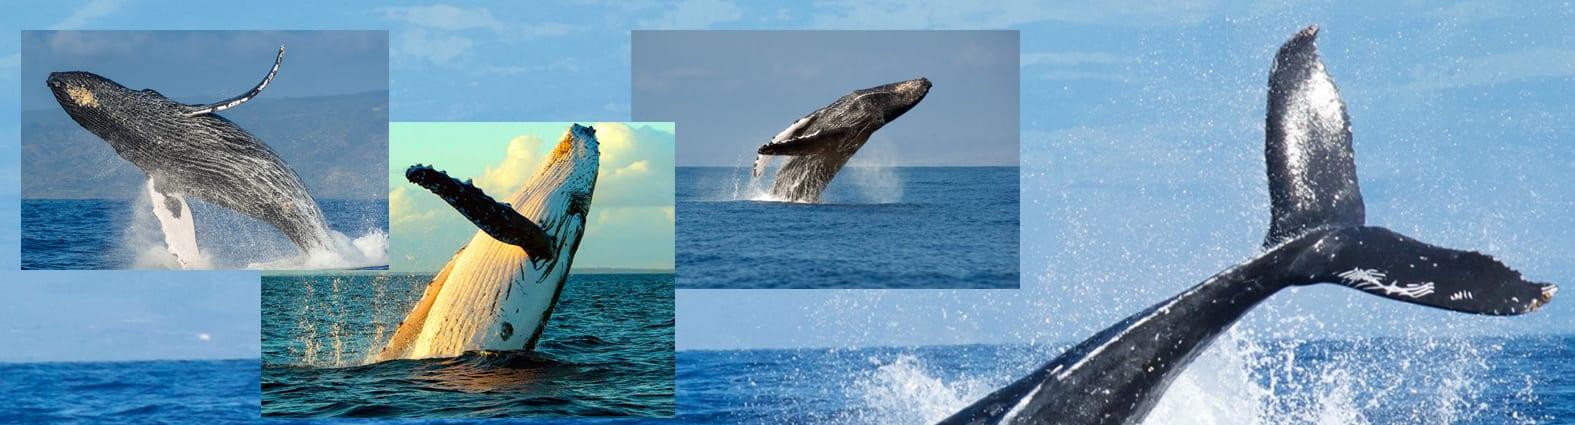 Whale watch Maui 250